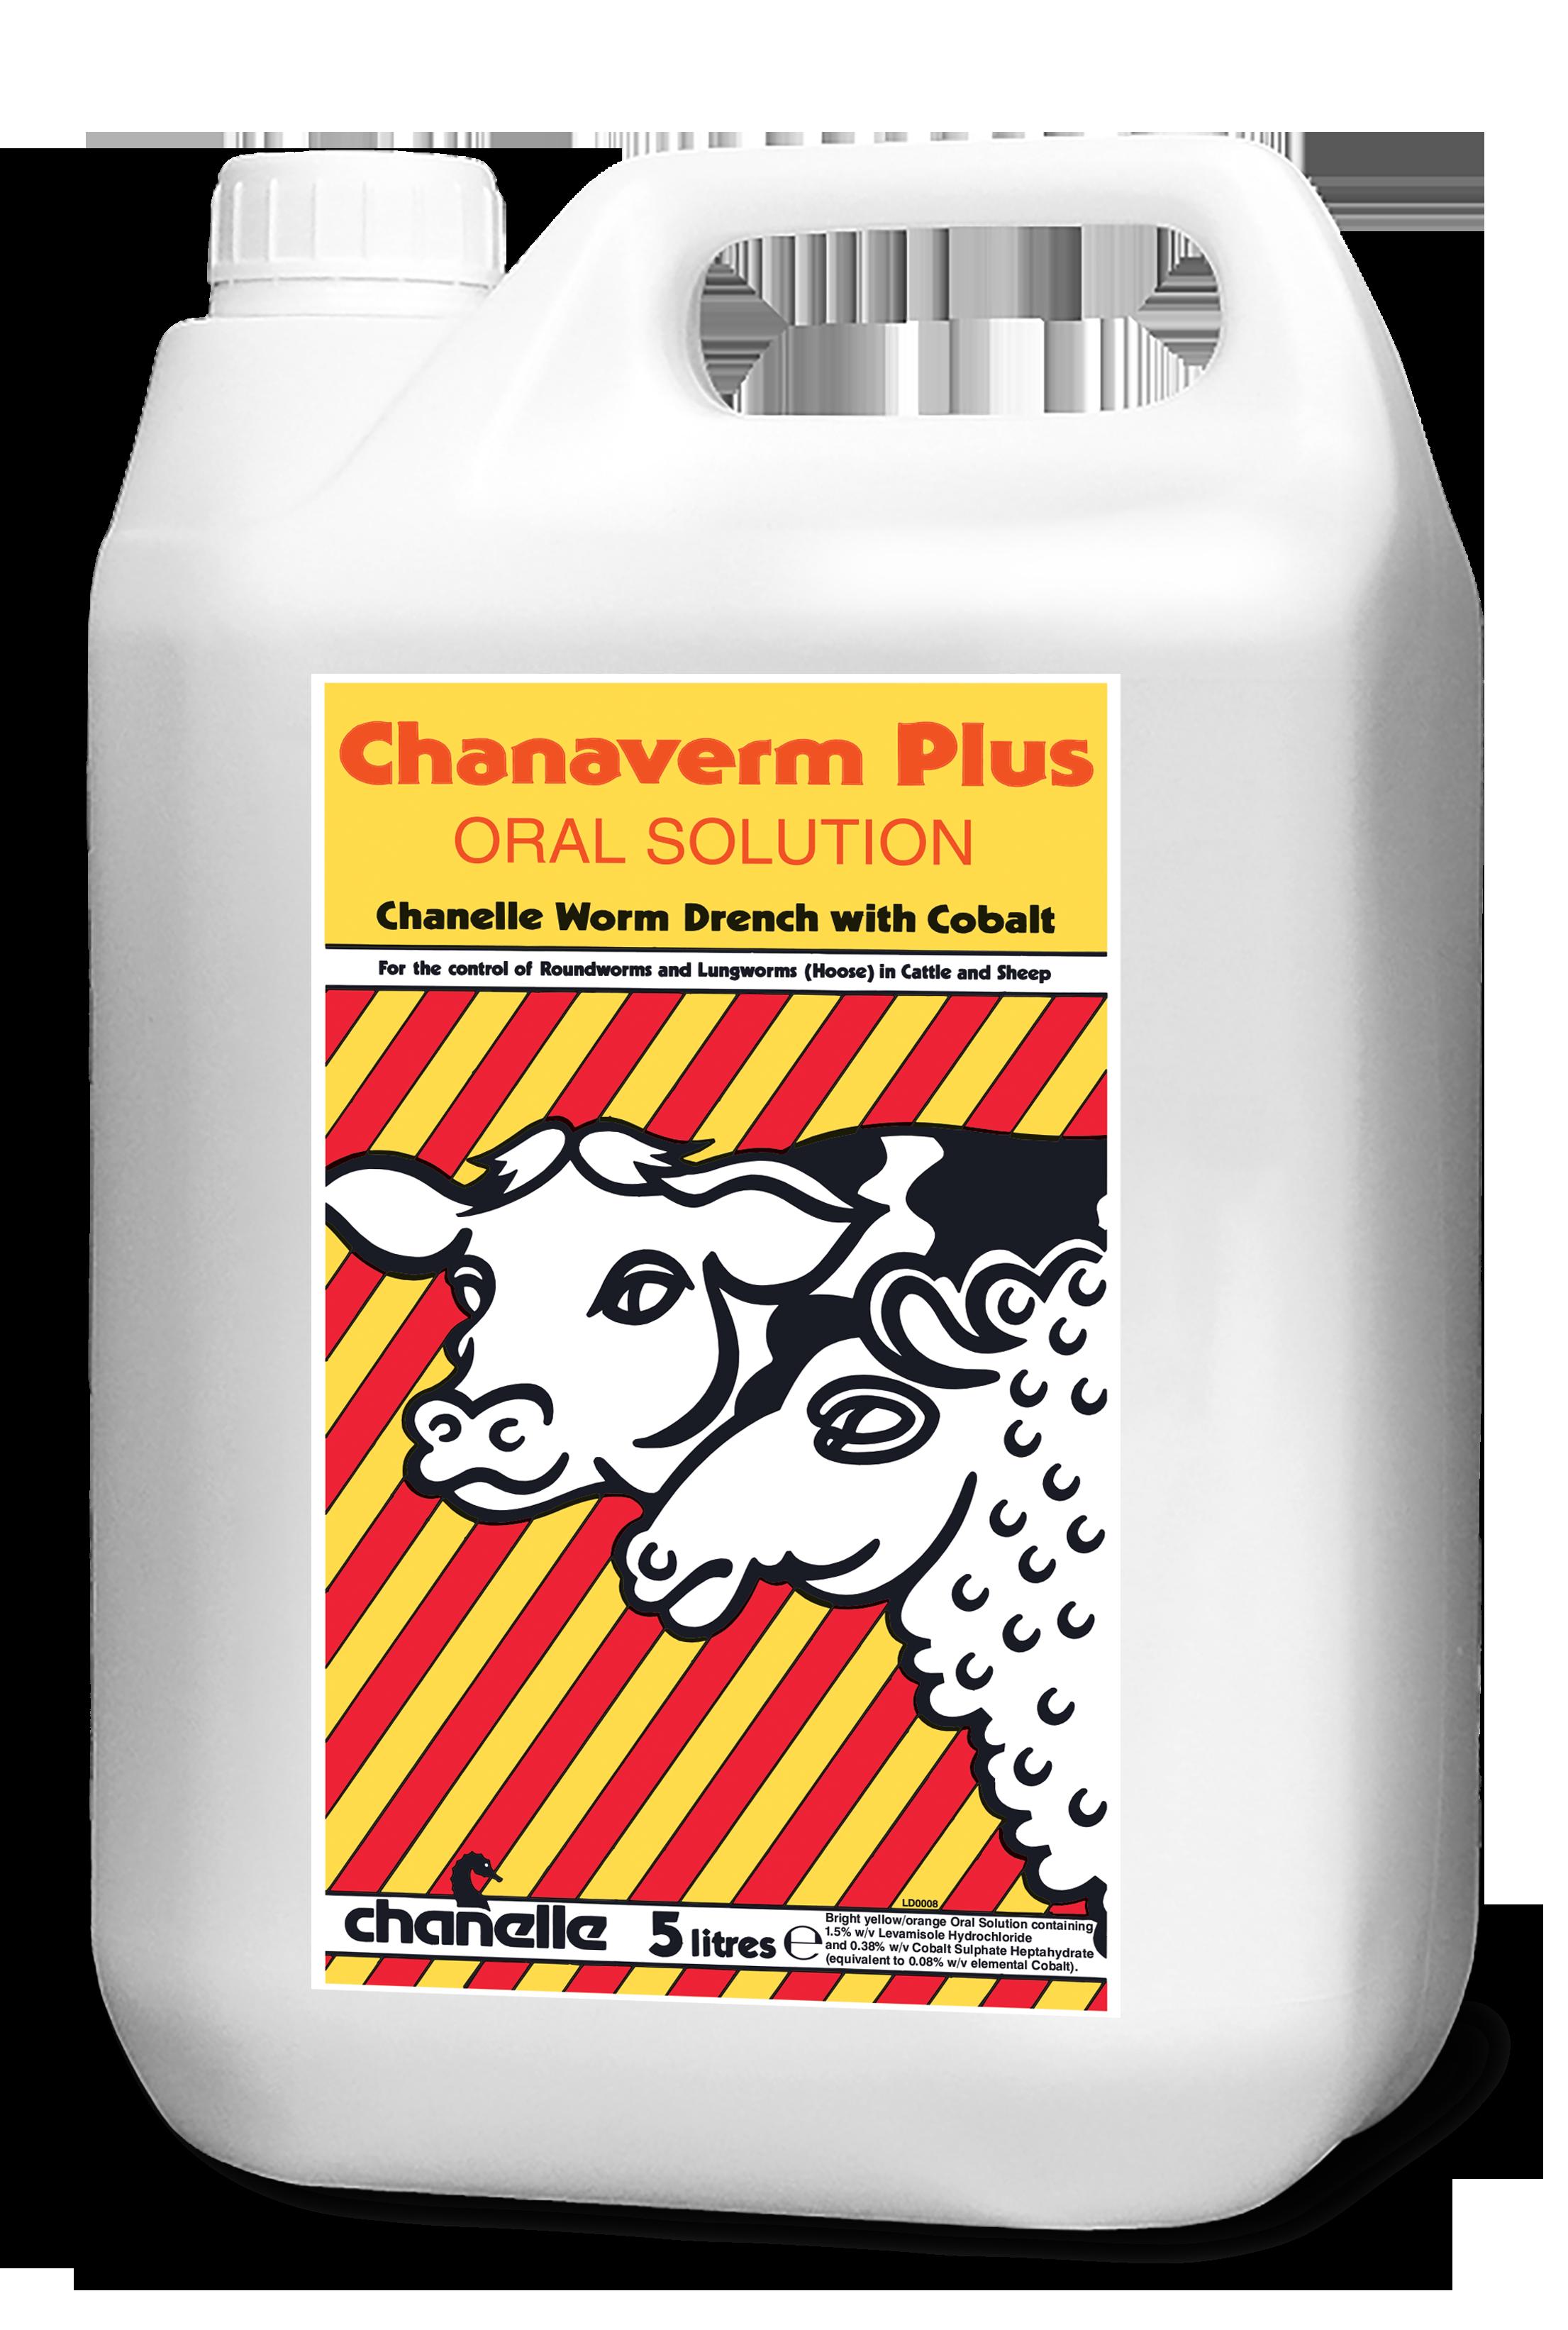 Chanaverm Plus